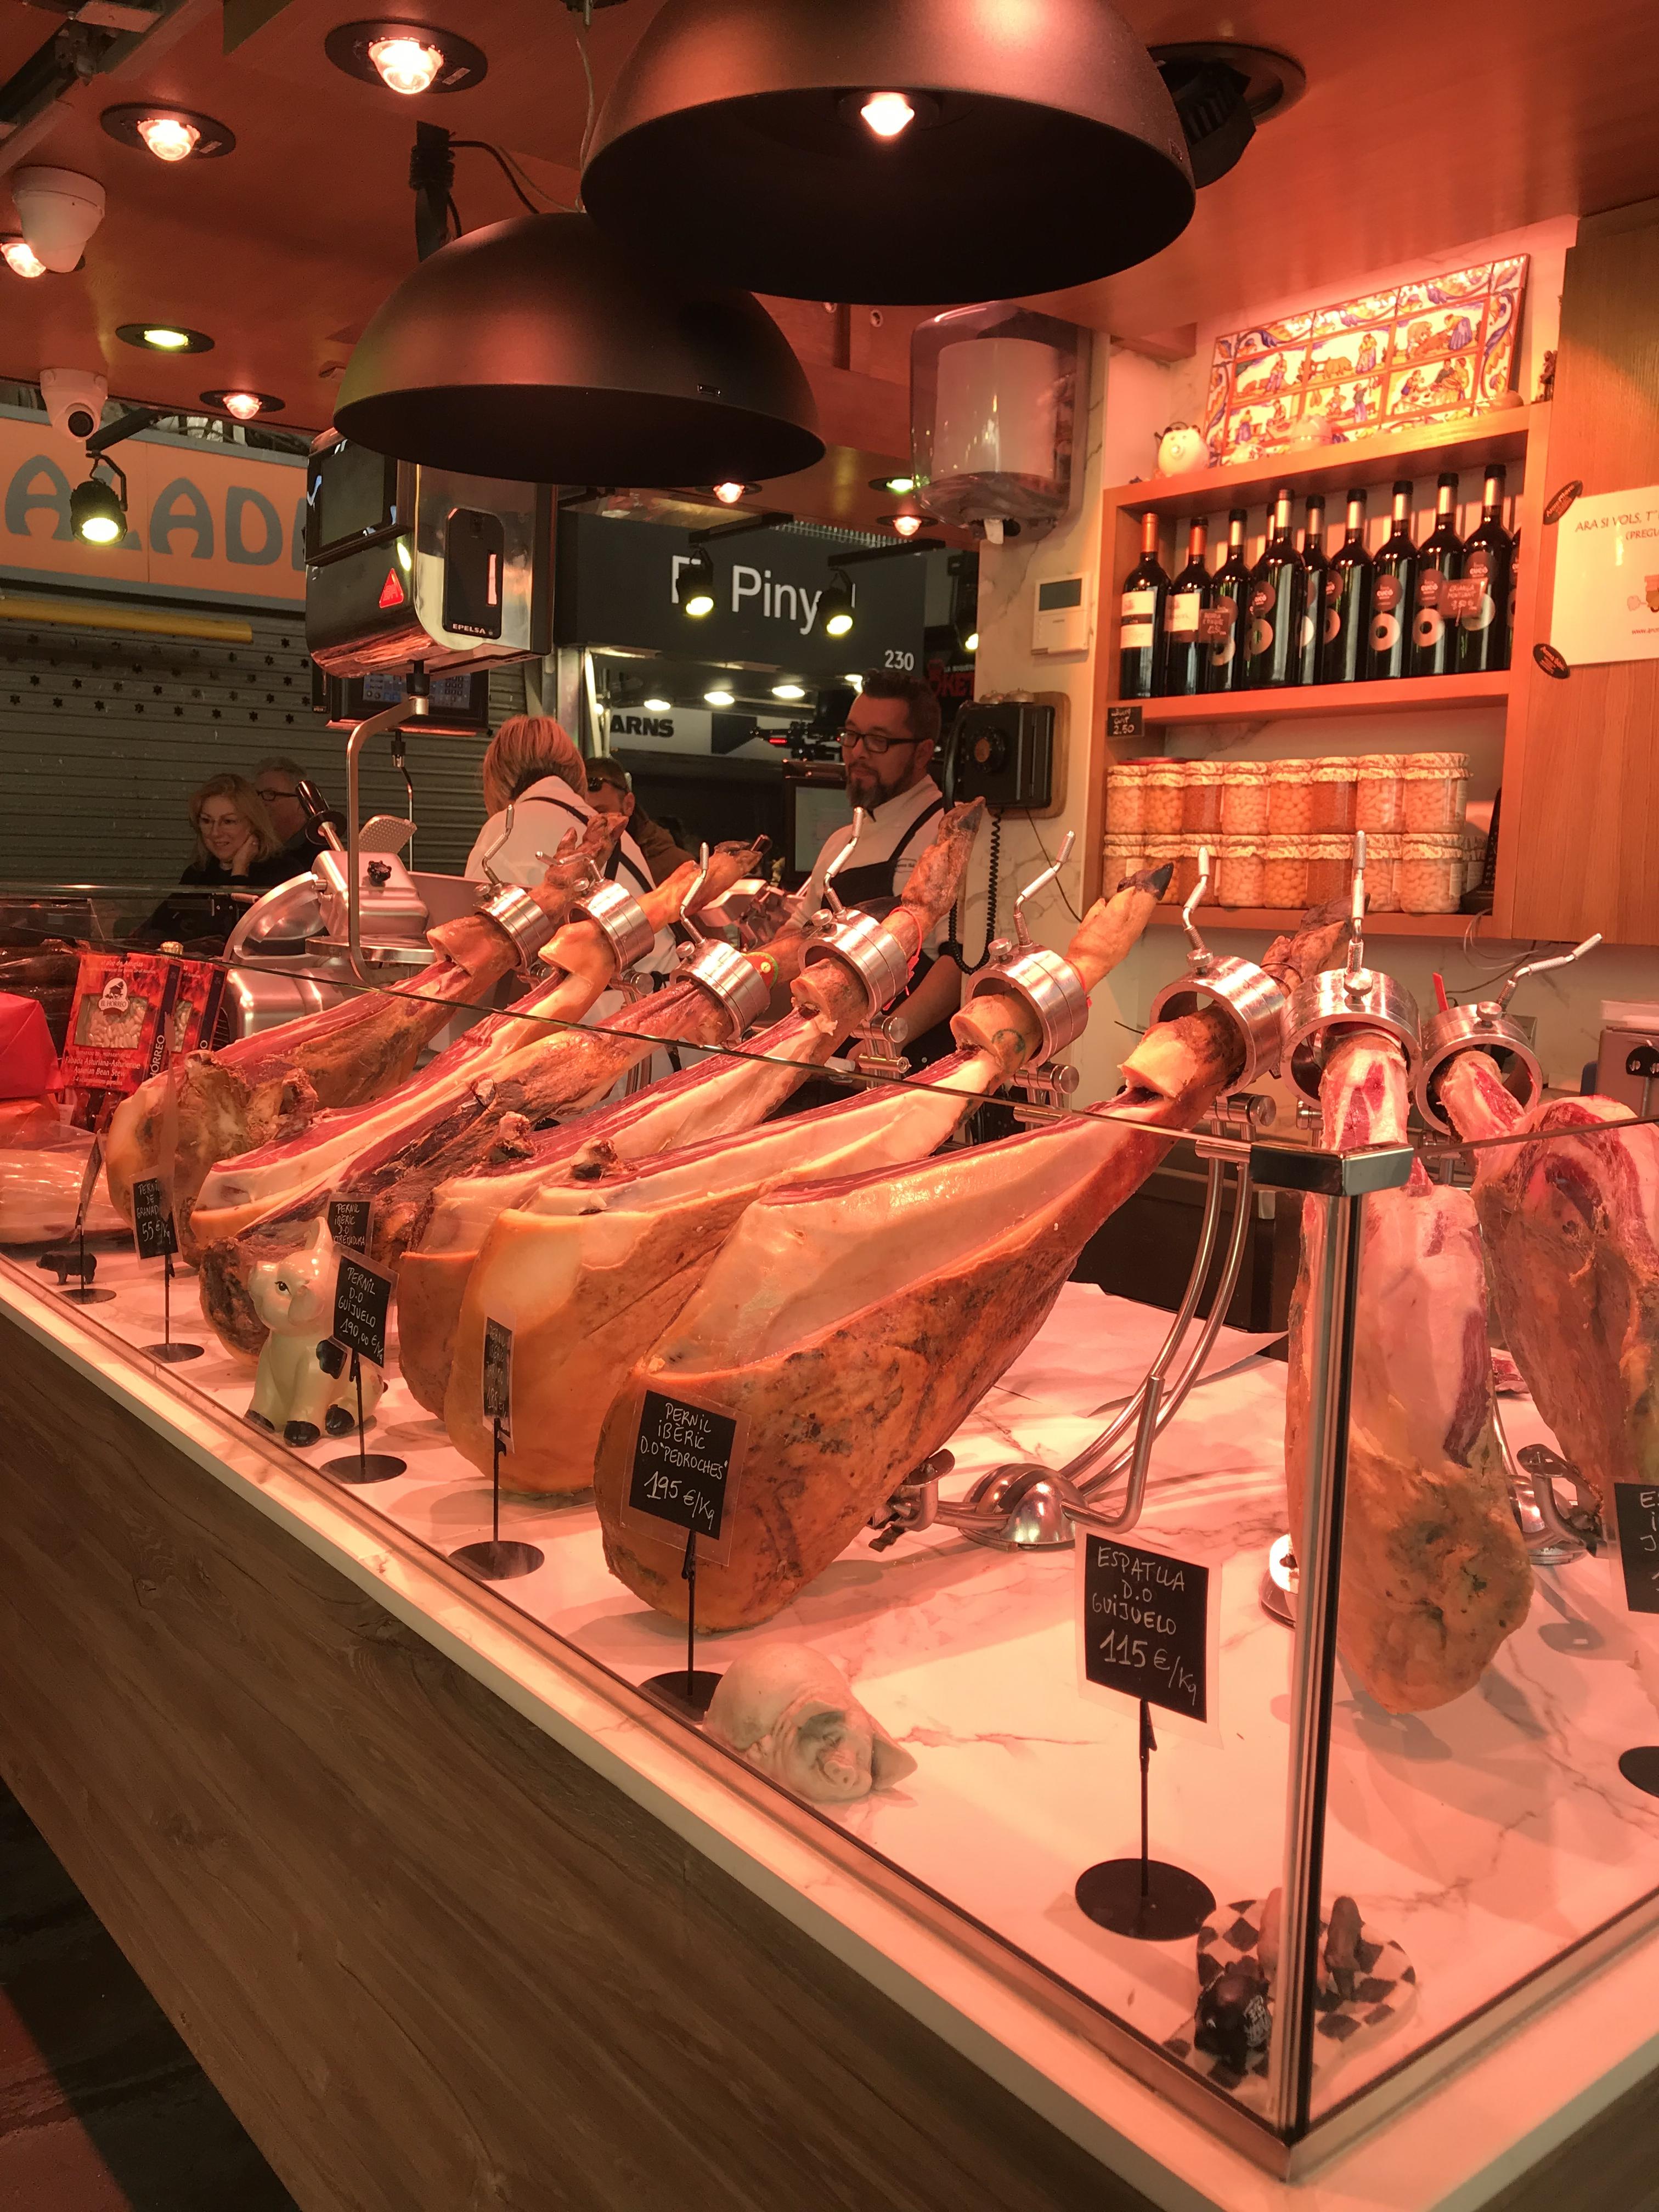 バルセロナの市場 ボケリア(胃袋)と呼ばれるサンジョセップ市場